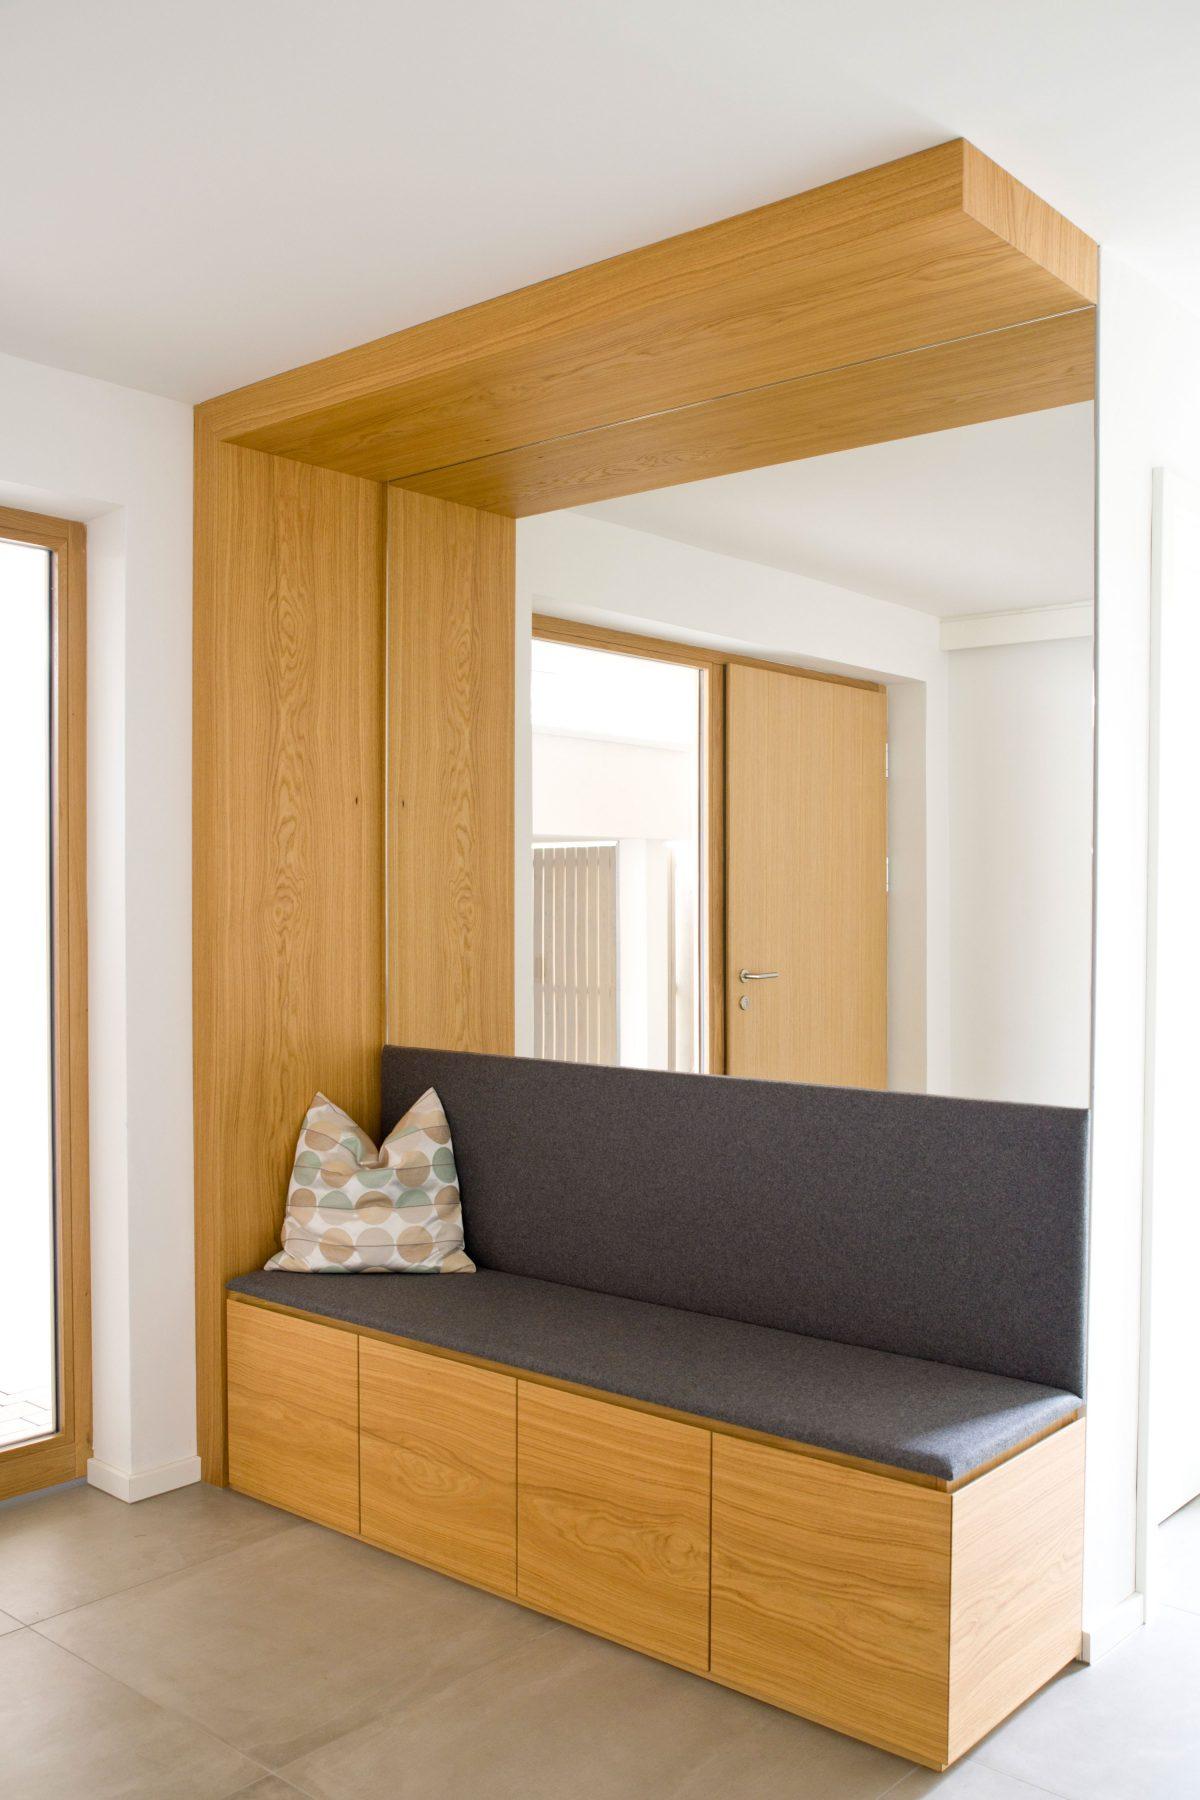 Das multifunktionale Sitzmöbel im Eingangsbereich mit passgenauer Spiegelwand.